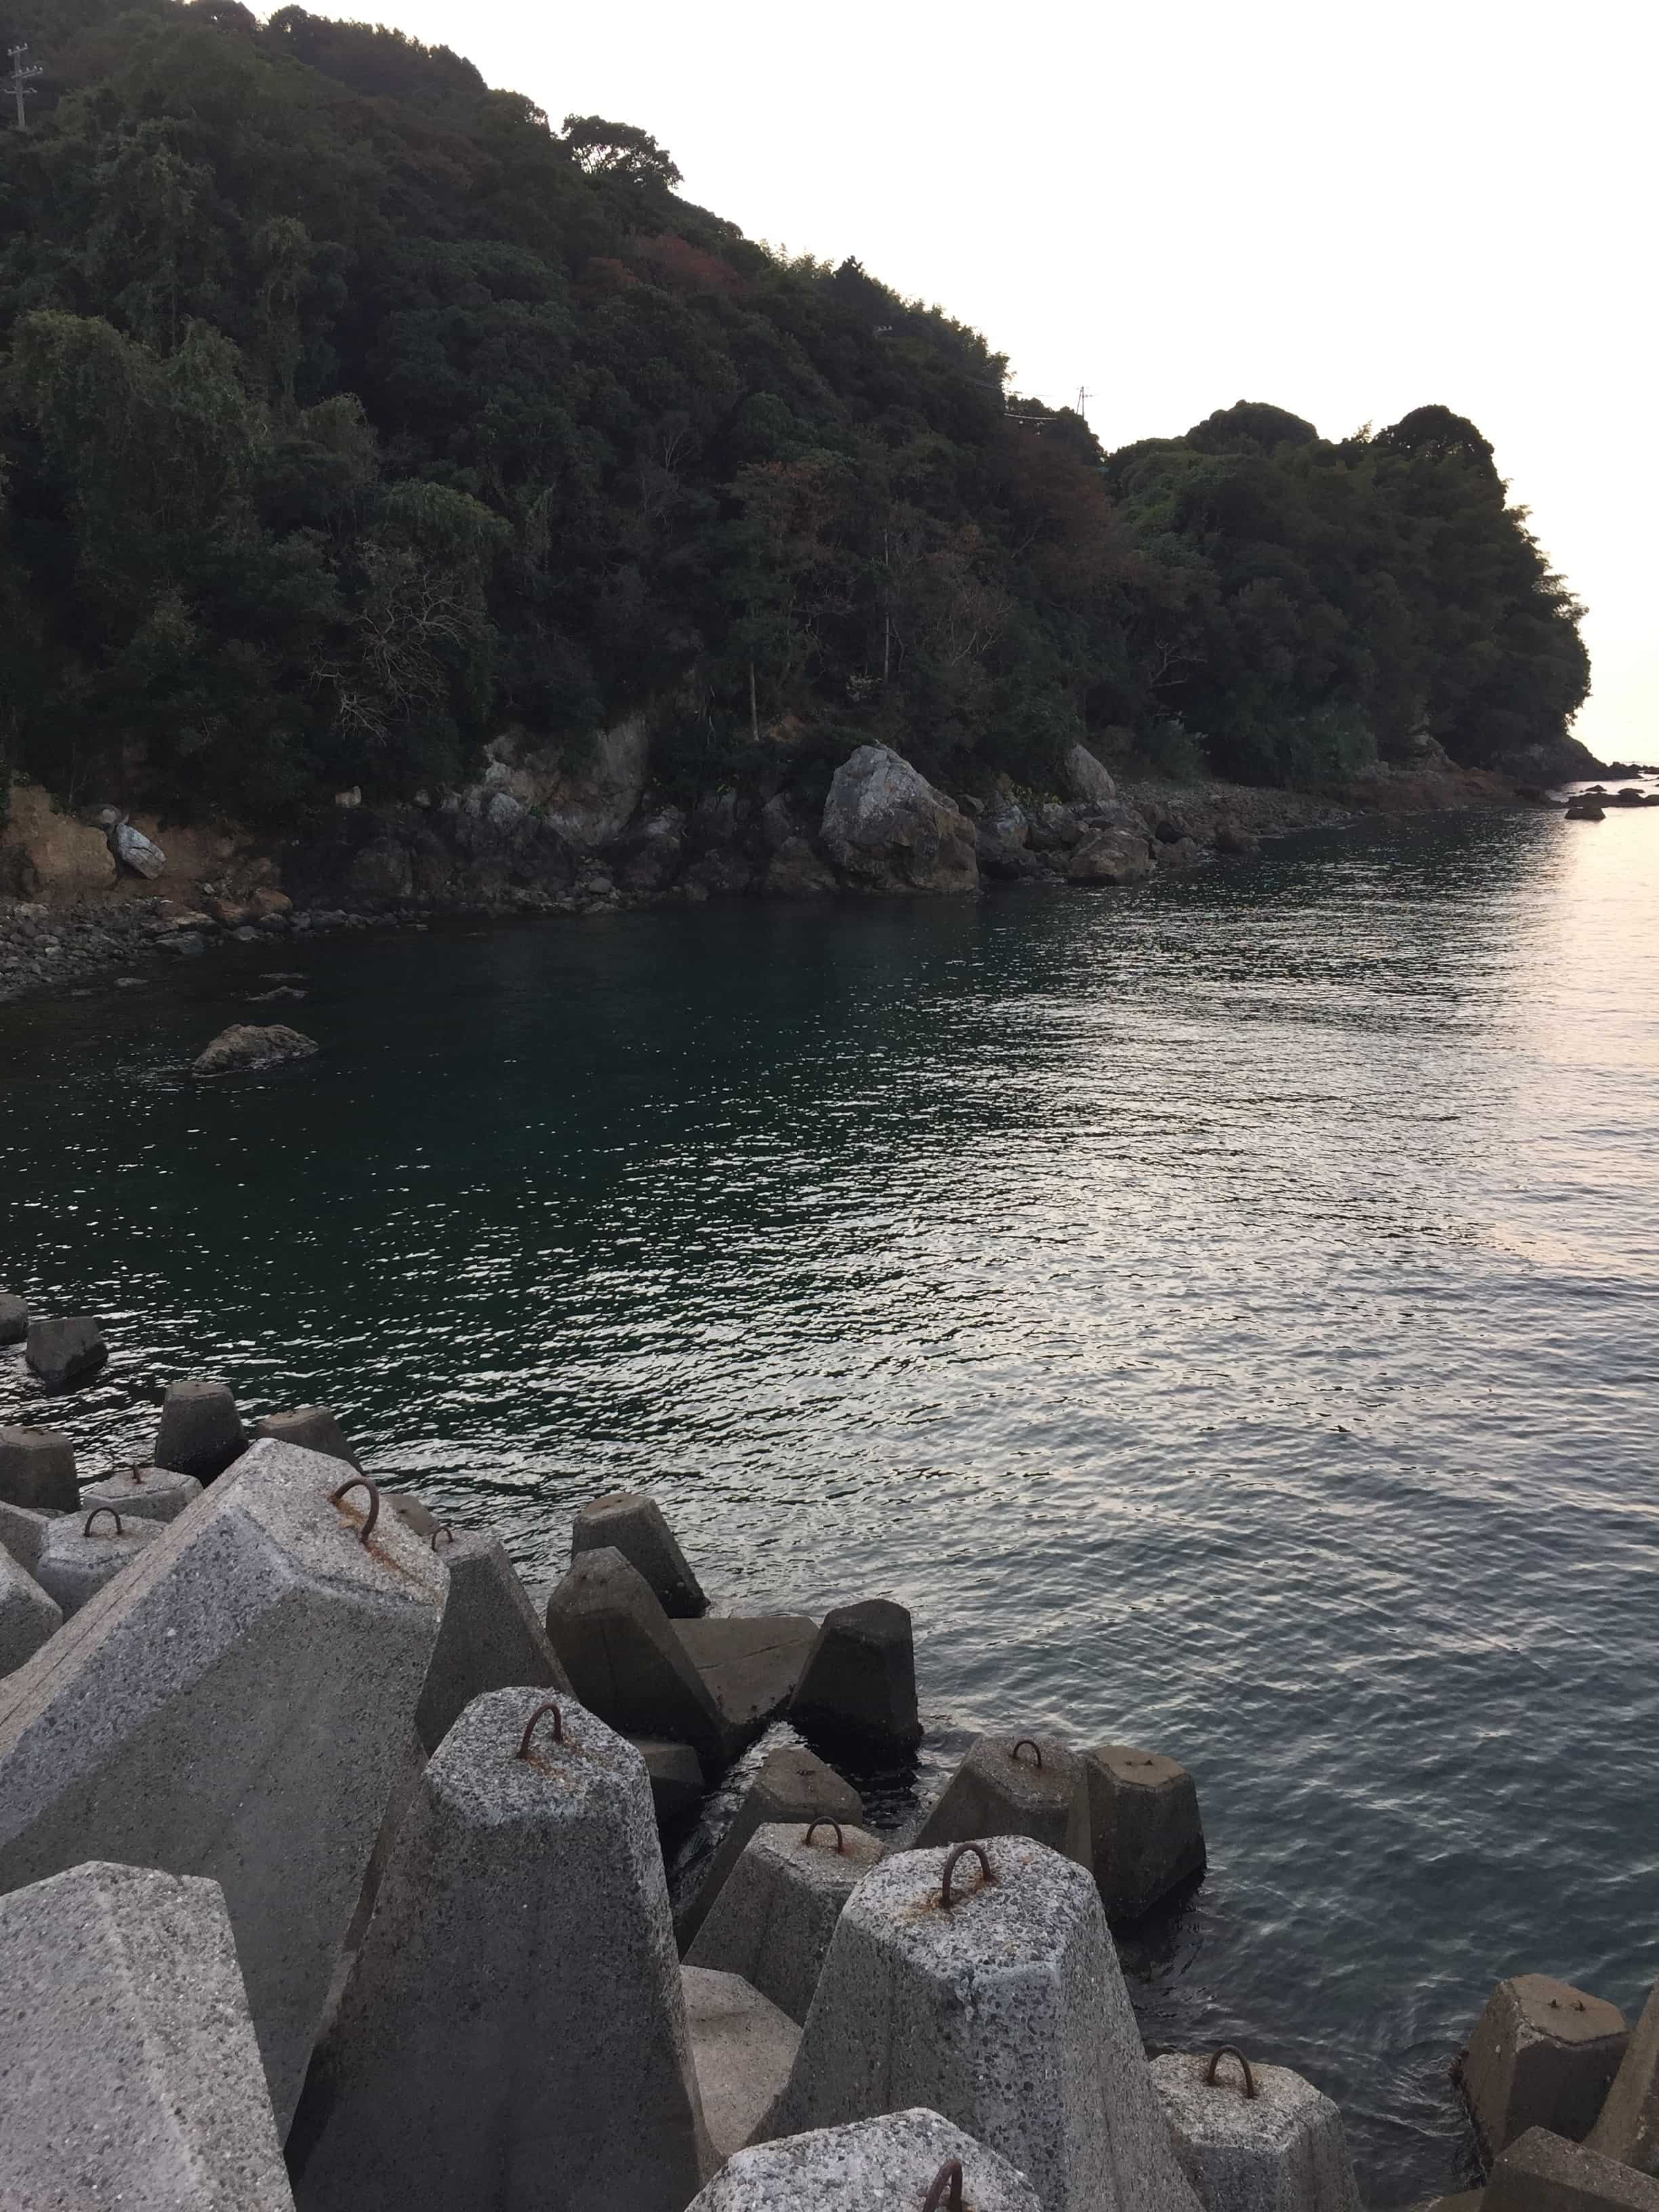 三尾川漁港の釣り場紹介(和歌山県中紀)雨のあとでも濁りにくいエギング漁港